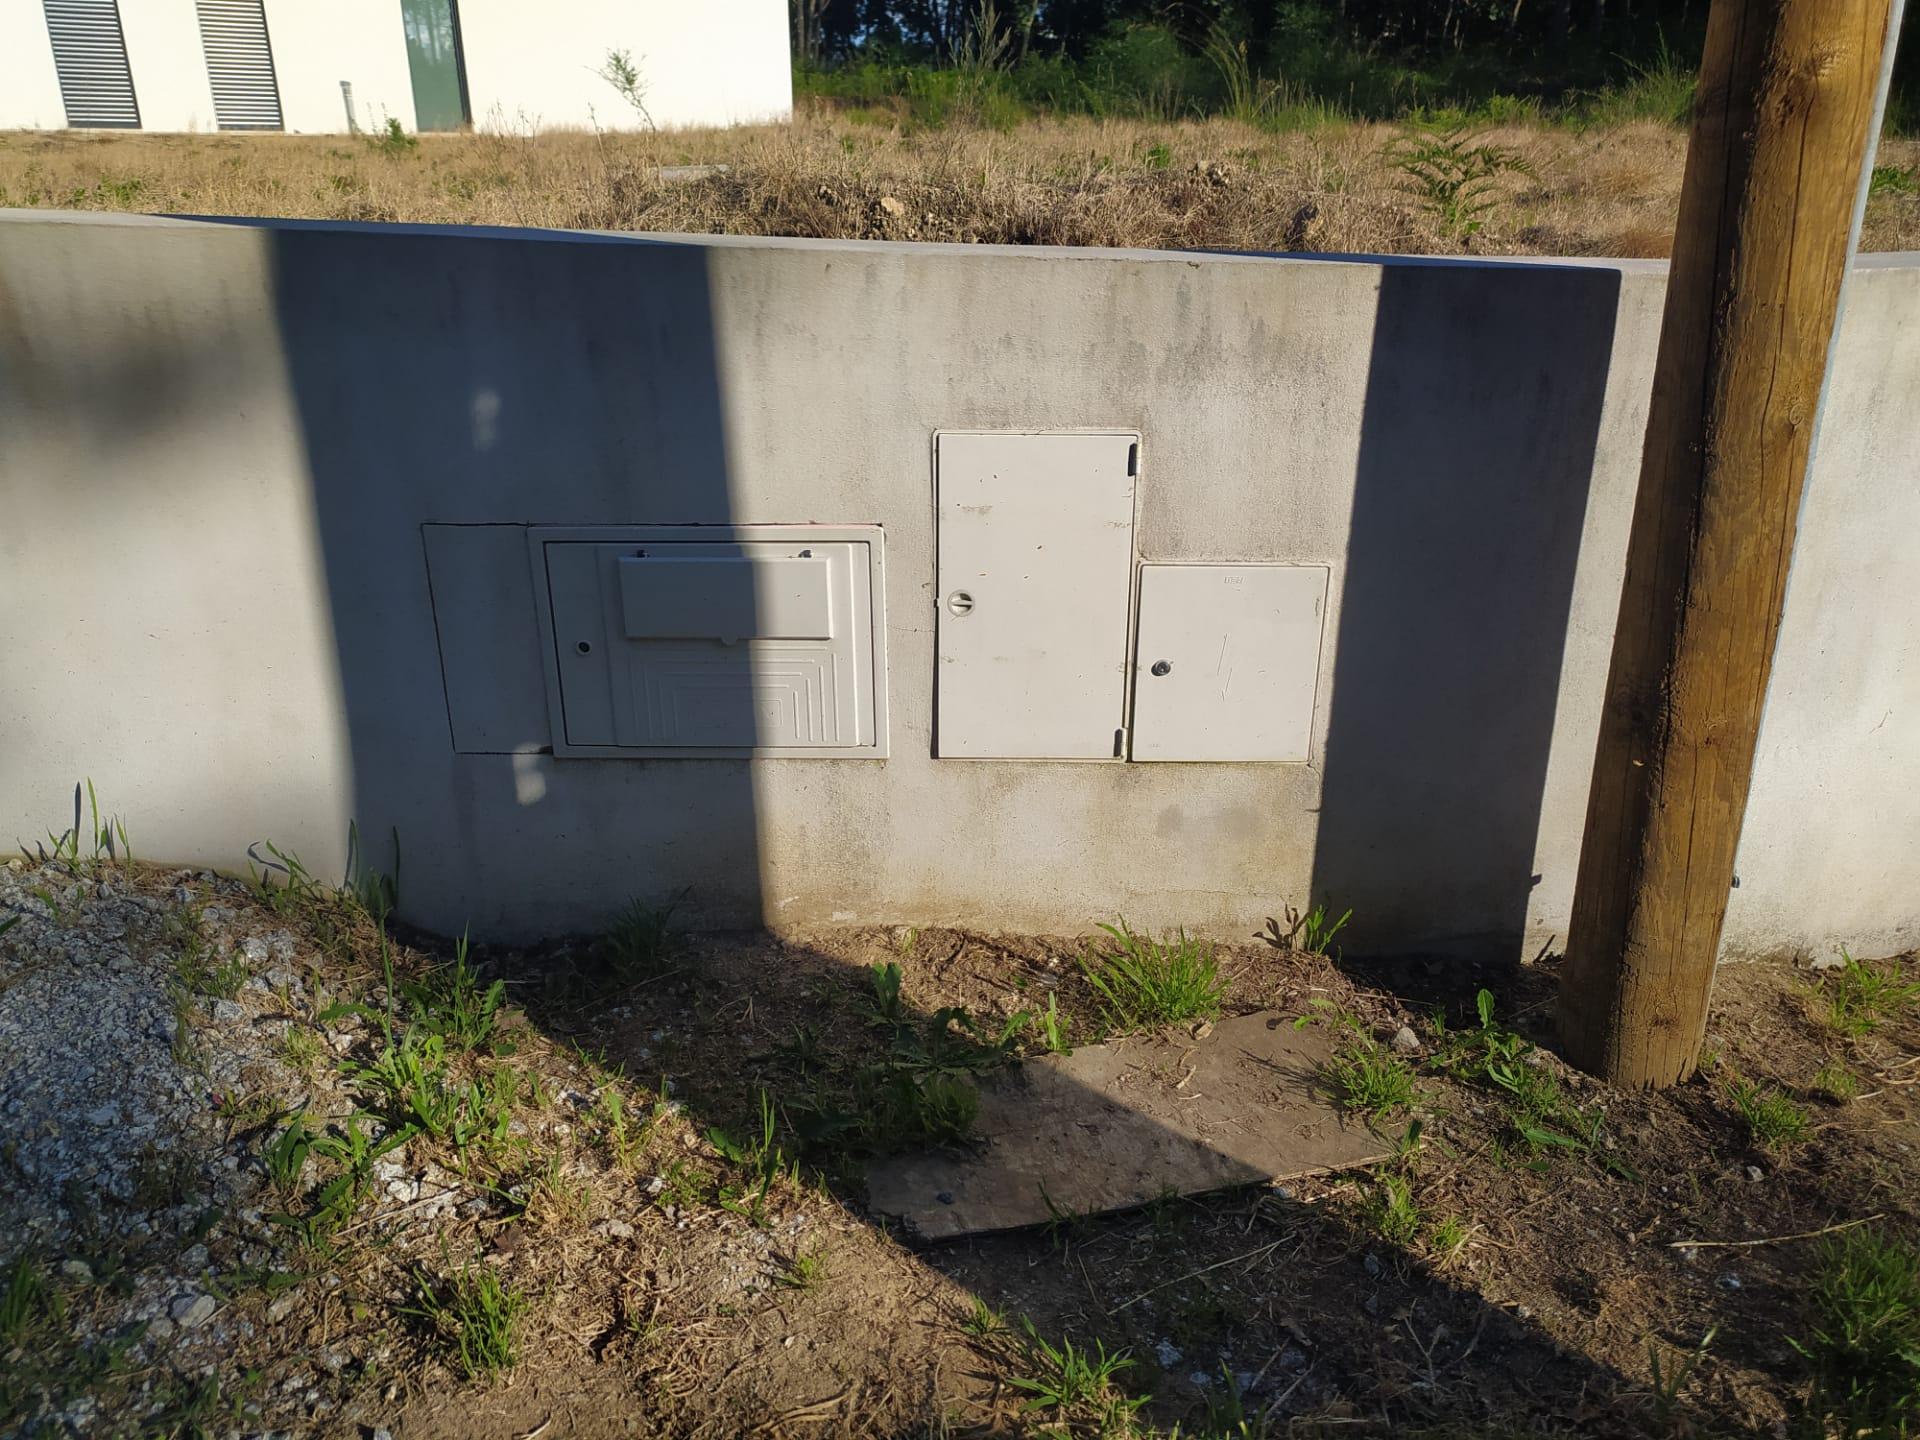 Casas em Tondelinha sem água e saneamento